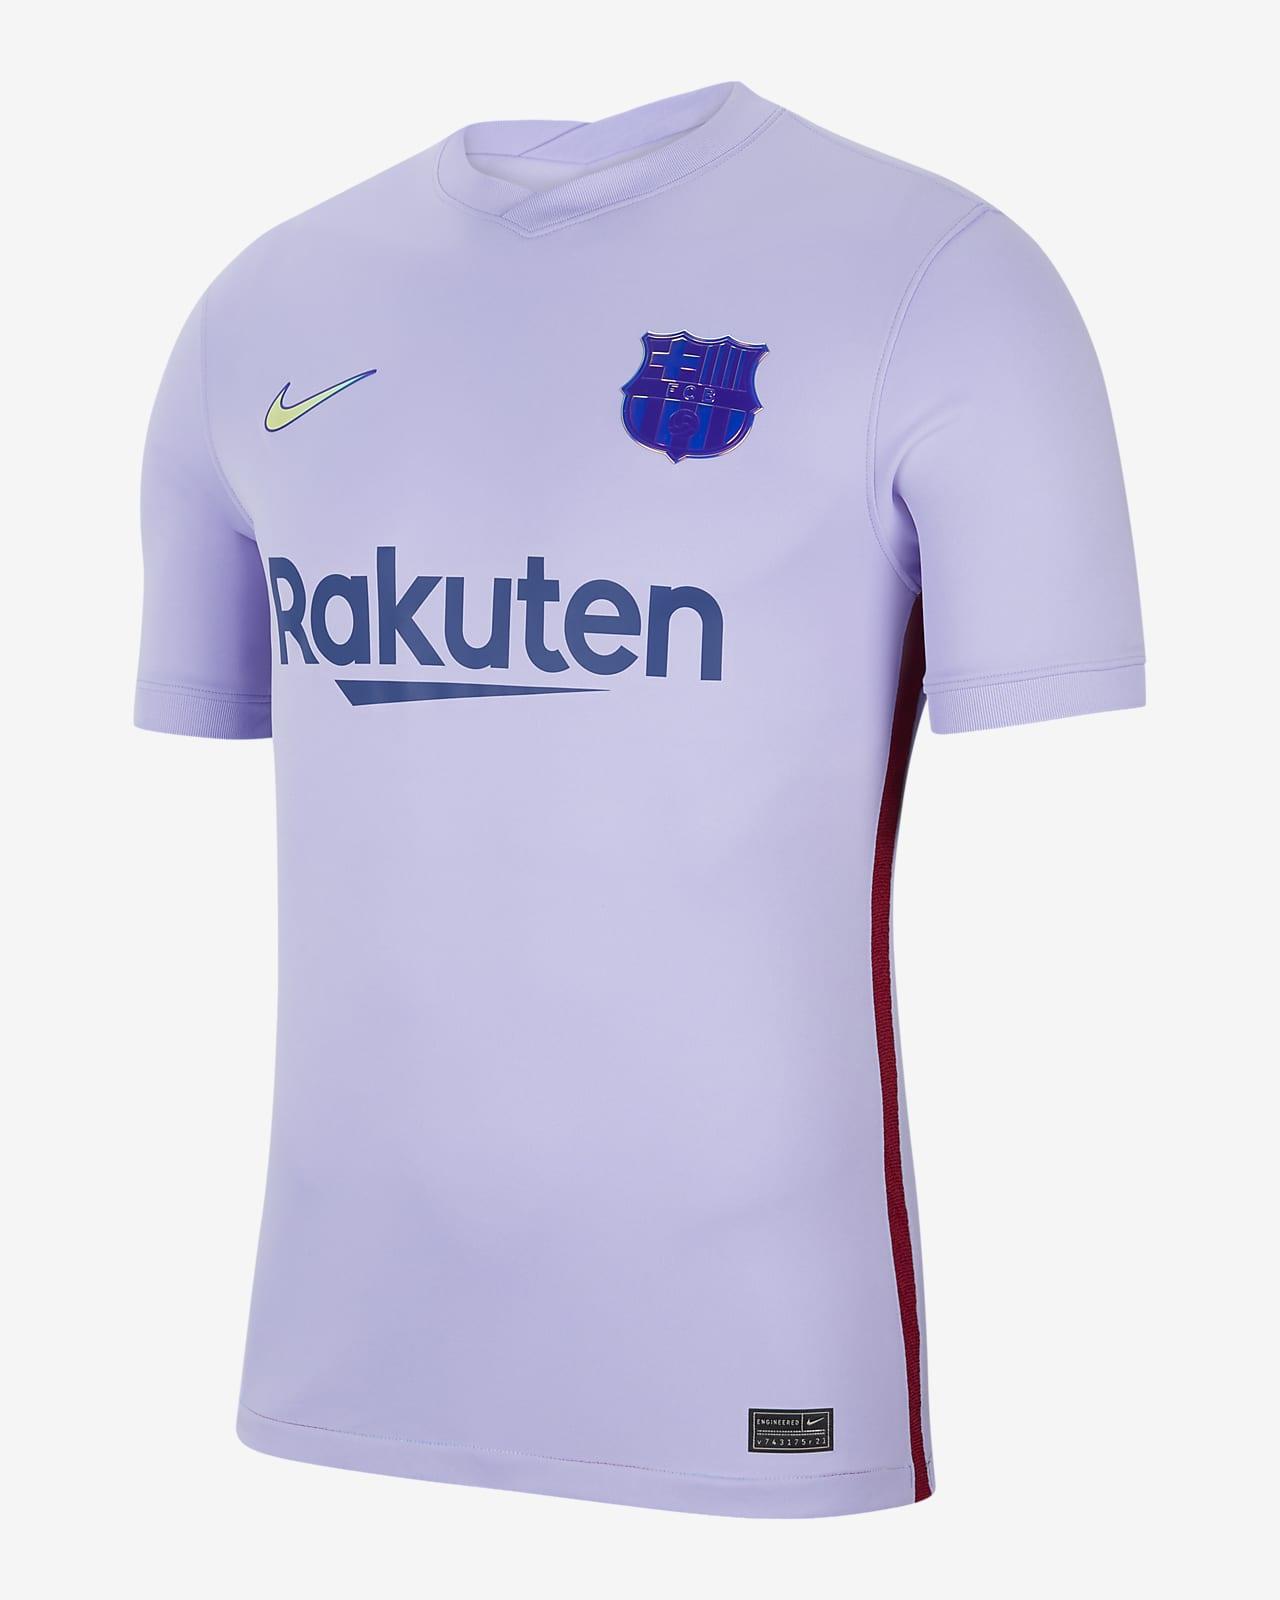 2021/22 赛季巴萨客场球迷版男子足球球衣